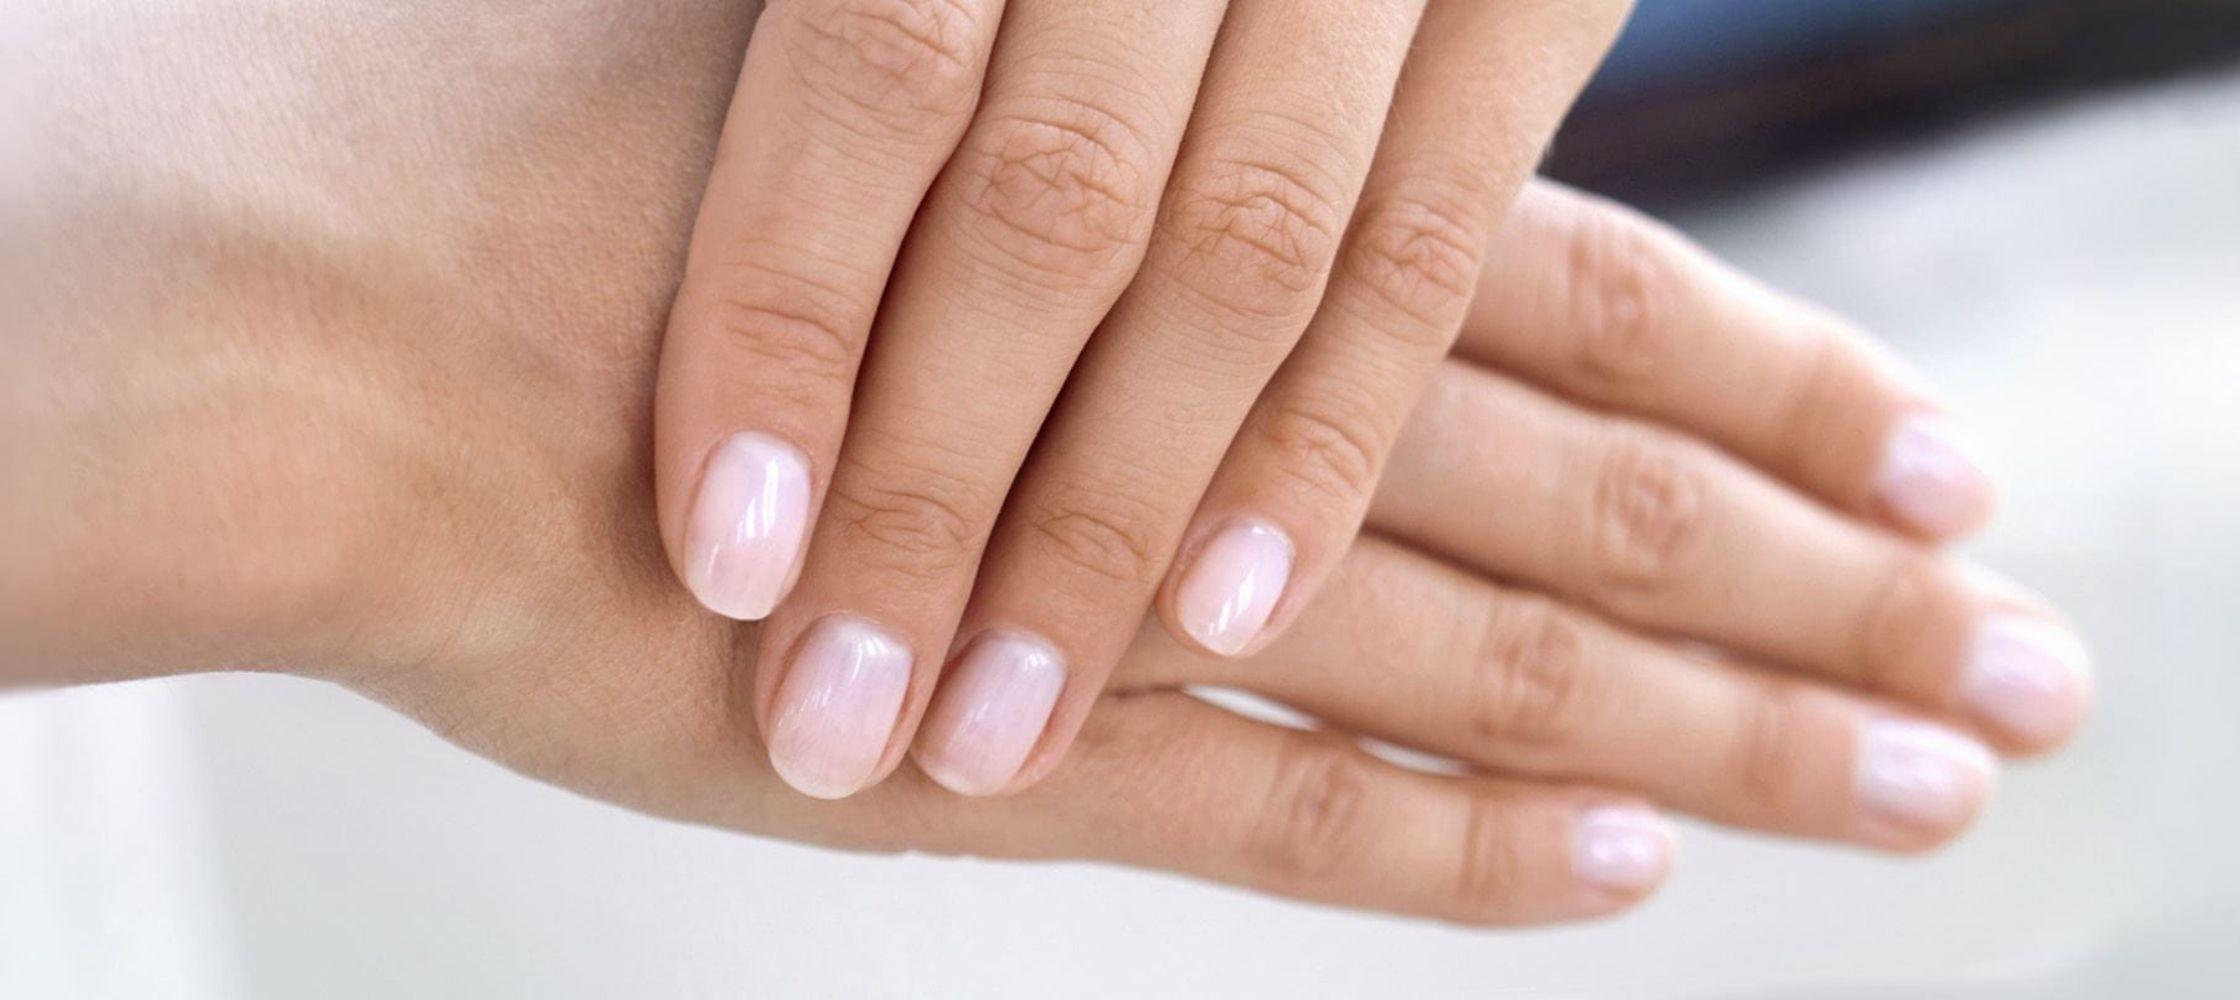 huid haar nagel